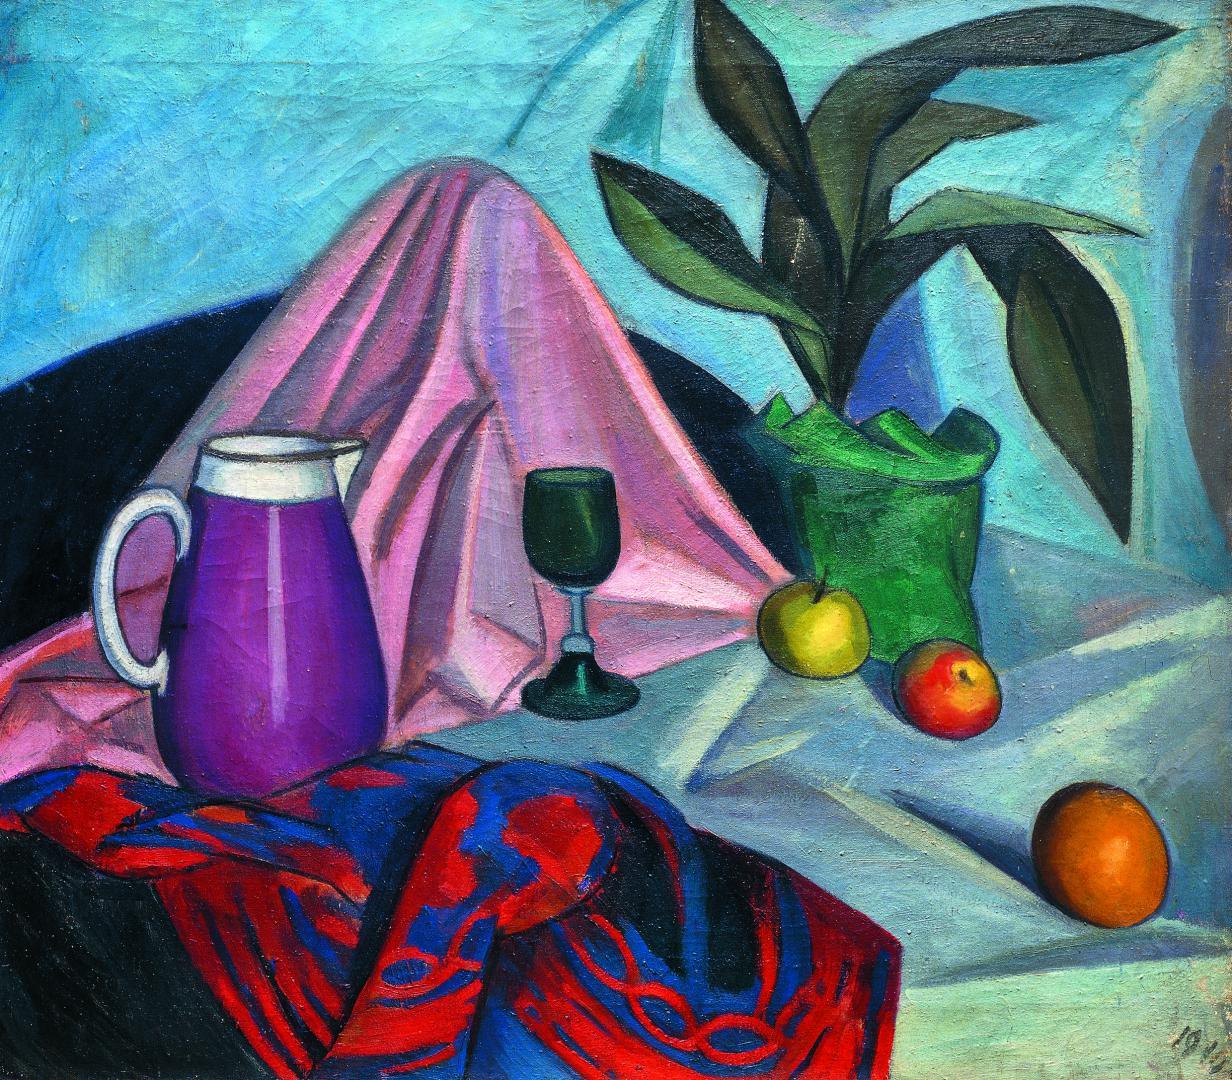 Выставка «Цвет. 90 шедевров из музеев Подмосковья» фото 3